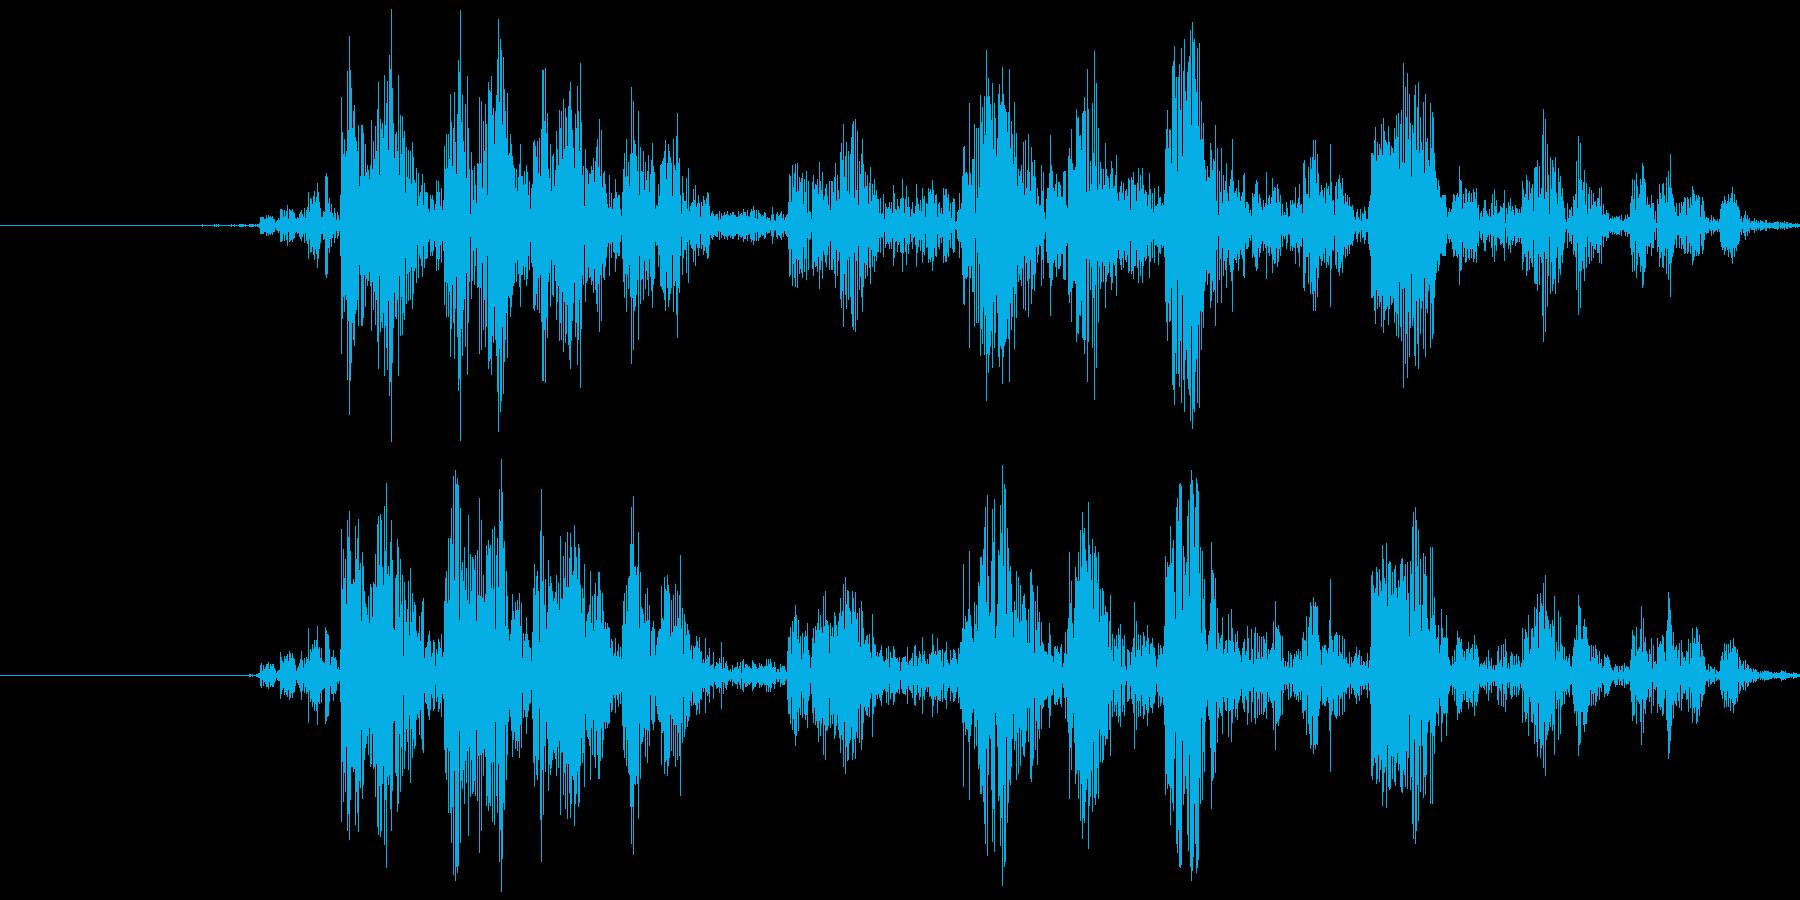 カメラ シャッター音(ノイジー)カシャの再生済みの波形